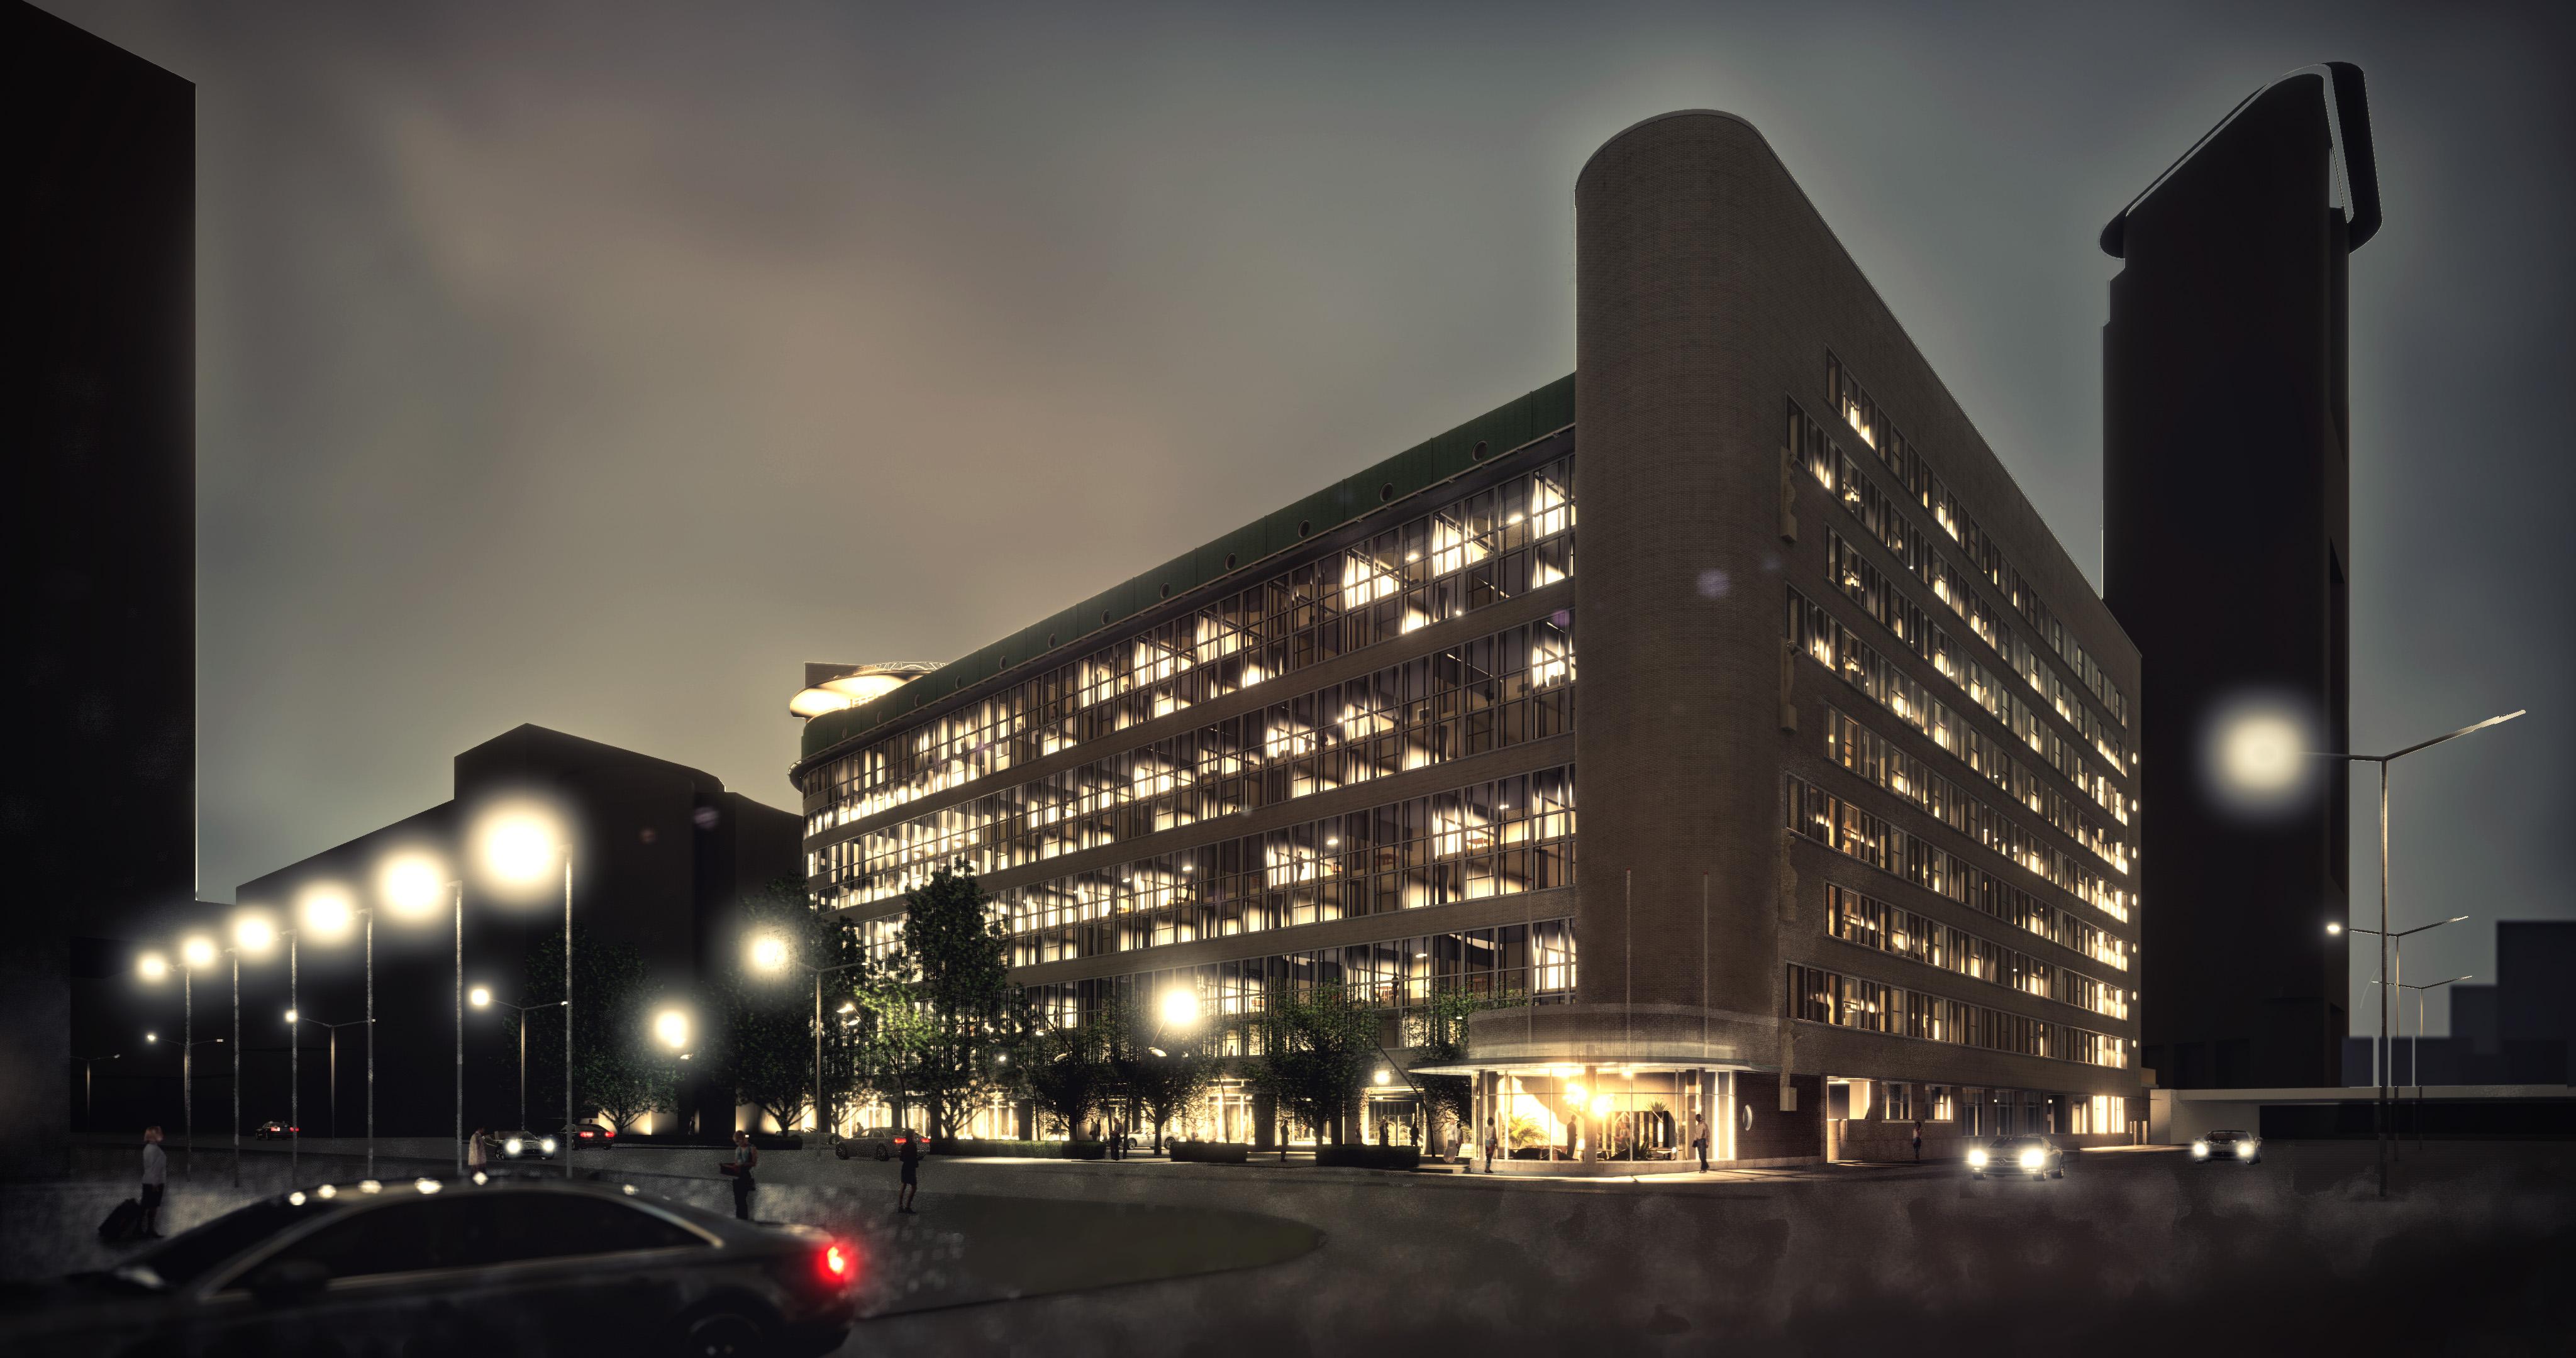 Architectenbureau Den Haag : Stationspostgebouw den haag braaksma roos